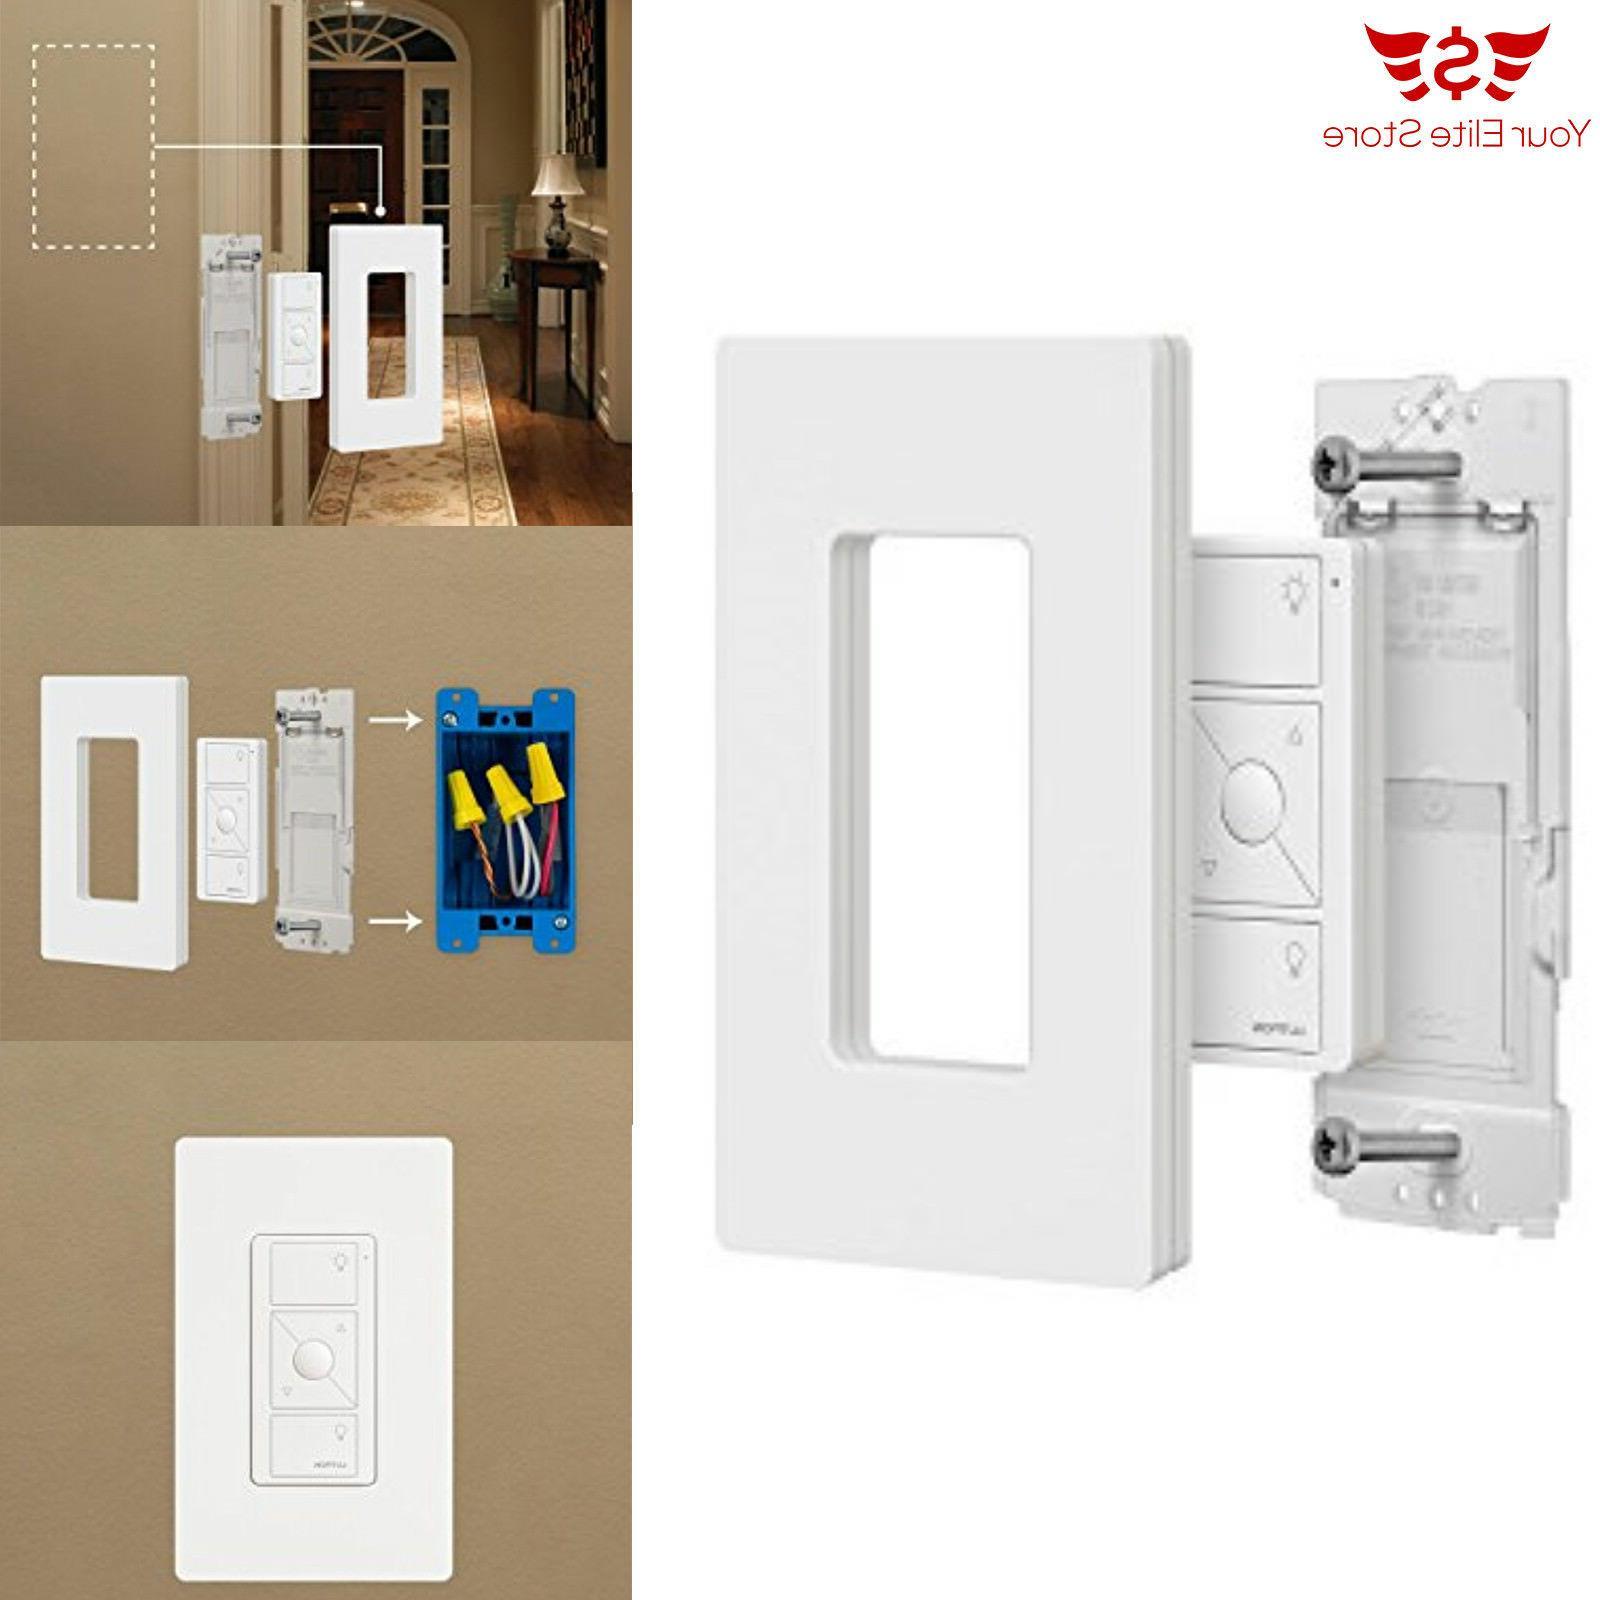 Wallplate Lamp Pico Remote Control Dimmer Caseta Wireless Plug-In